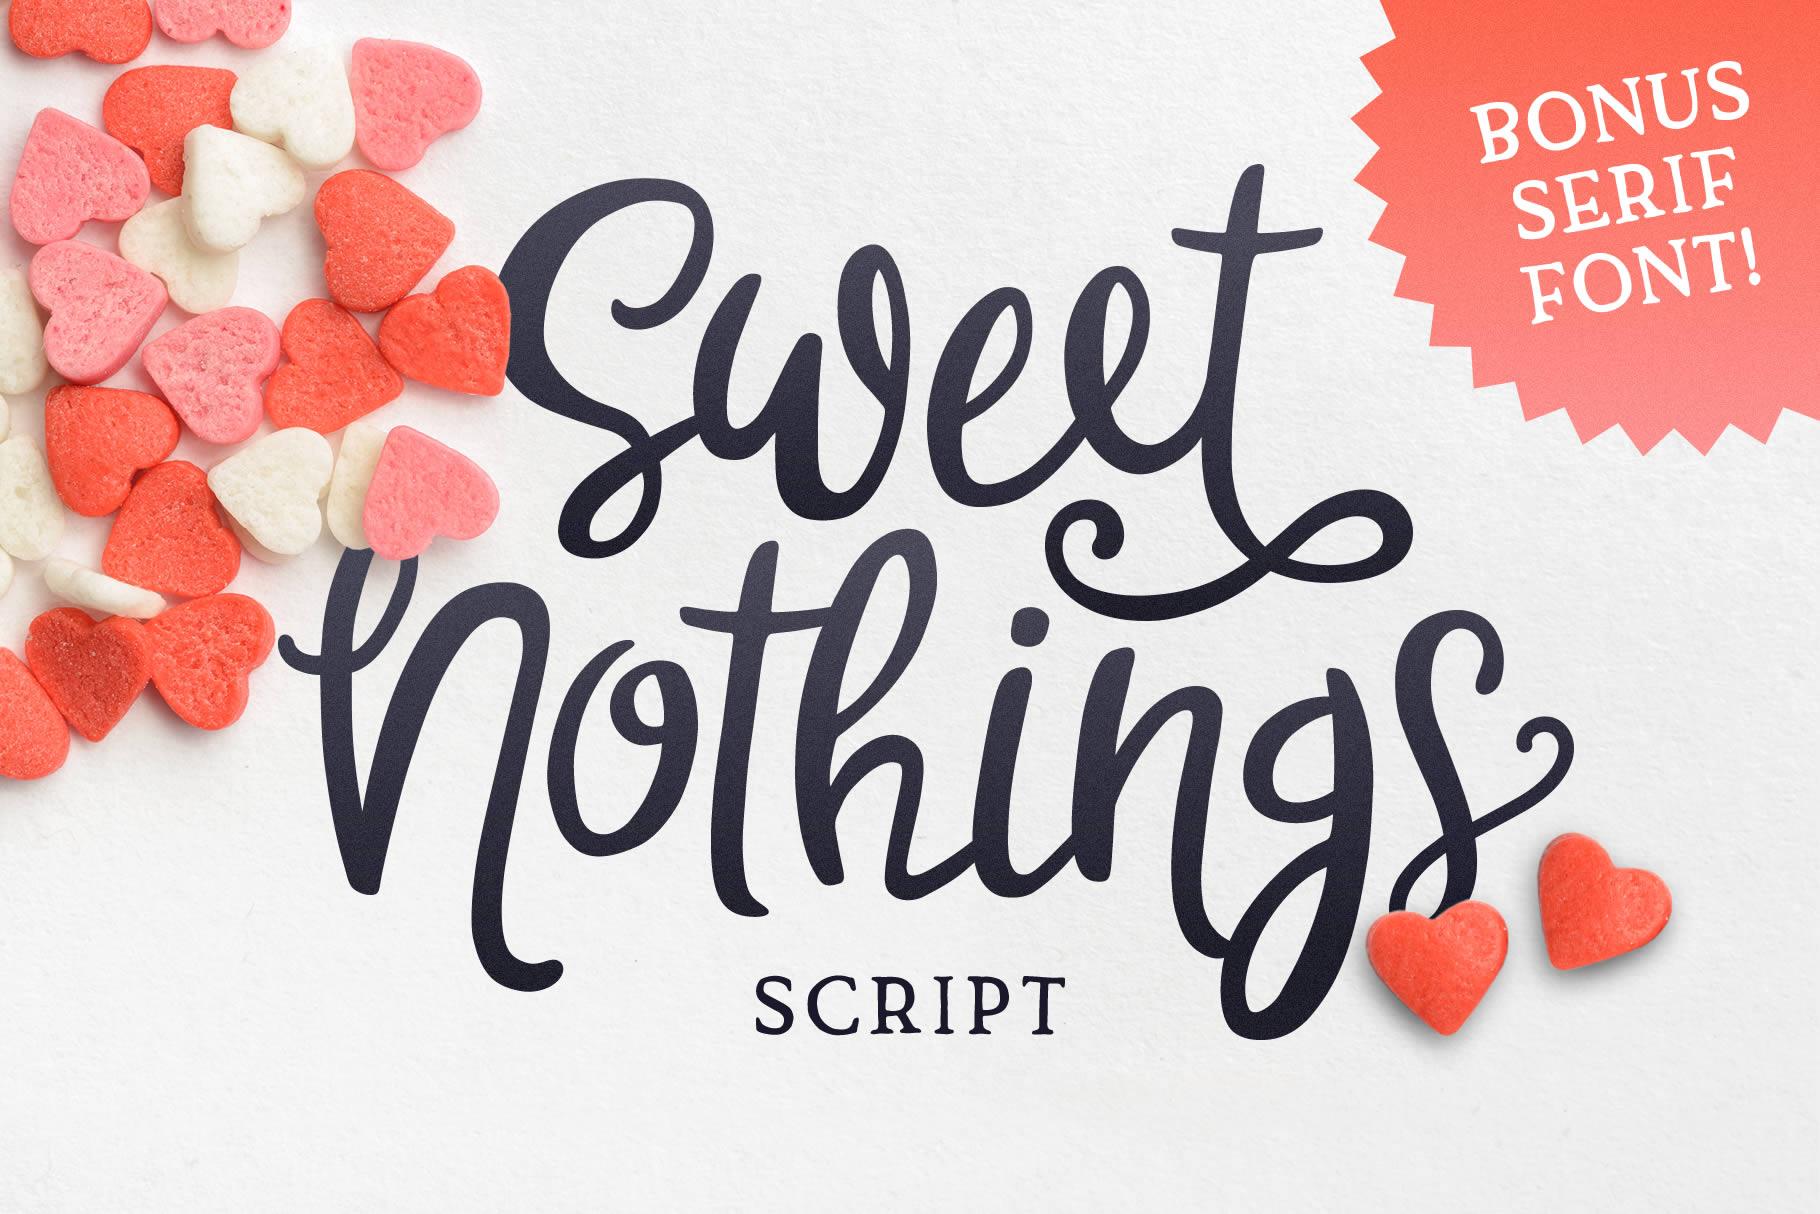 Sweet Nothings Script Bonus Font! example image 1